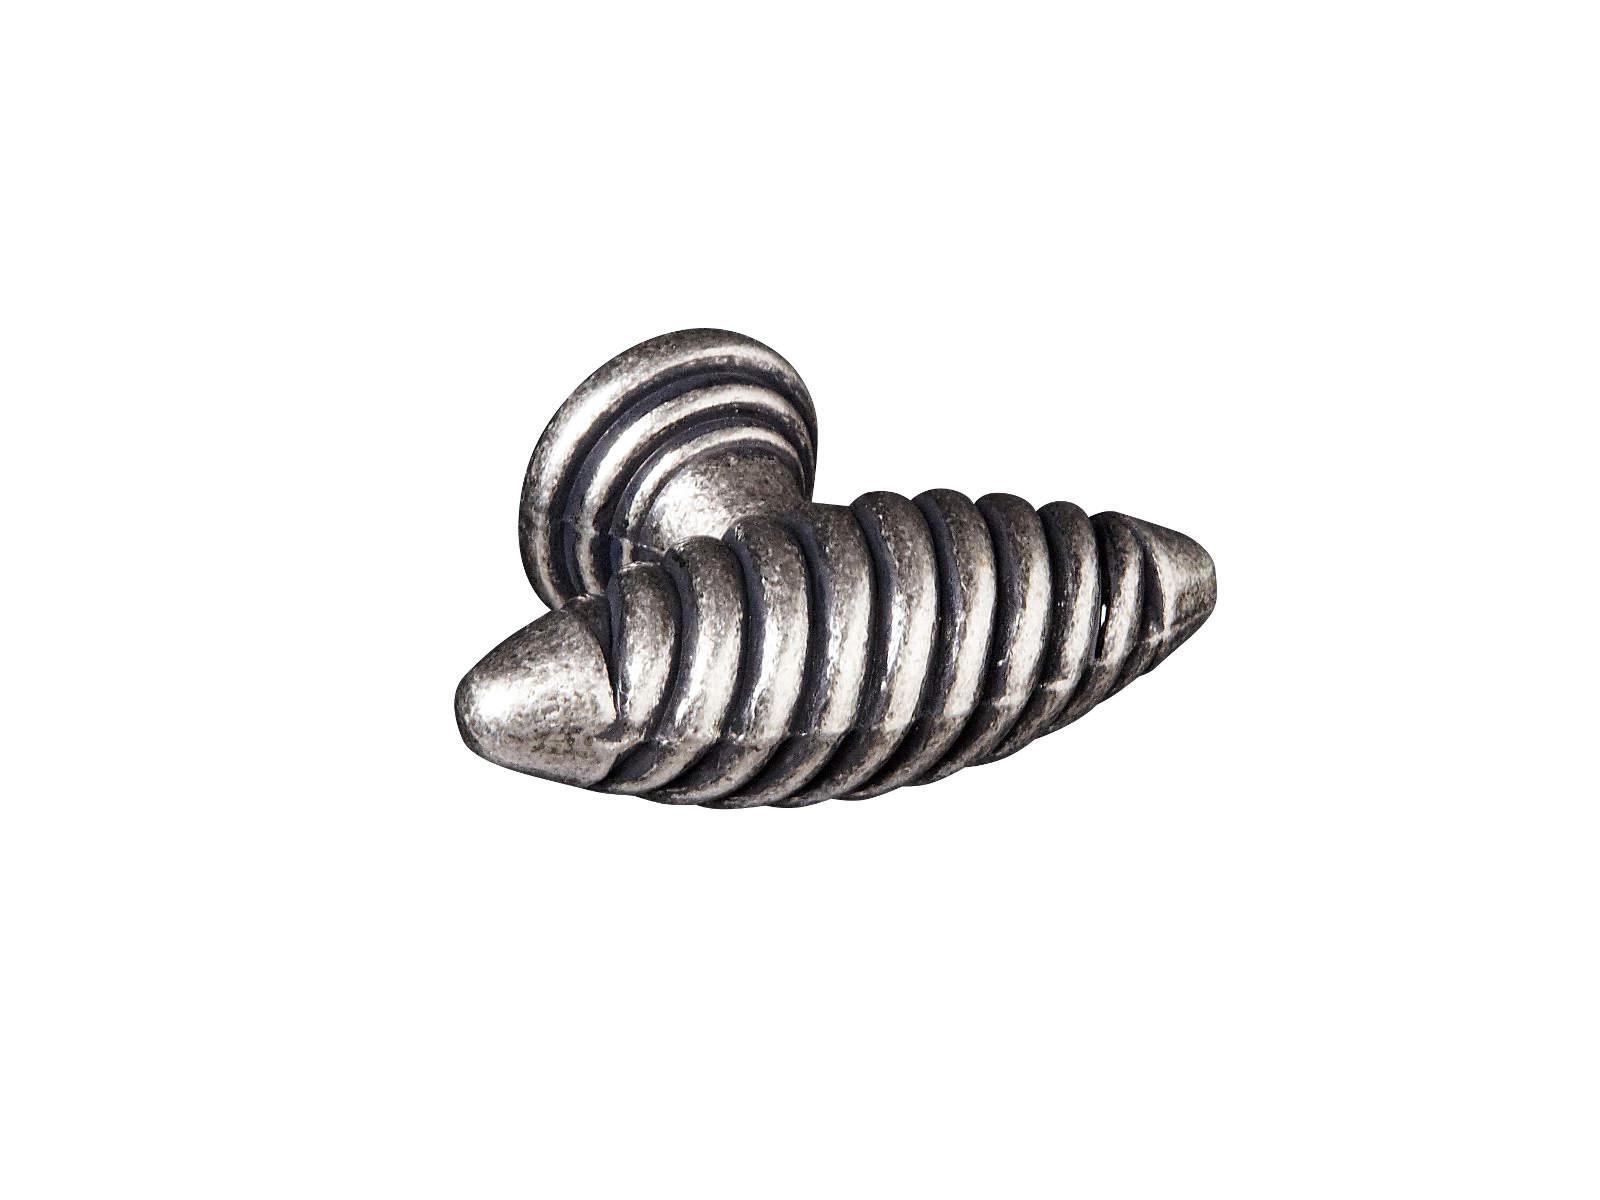 twister-knob